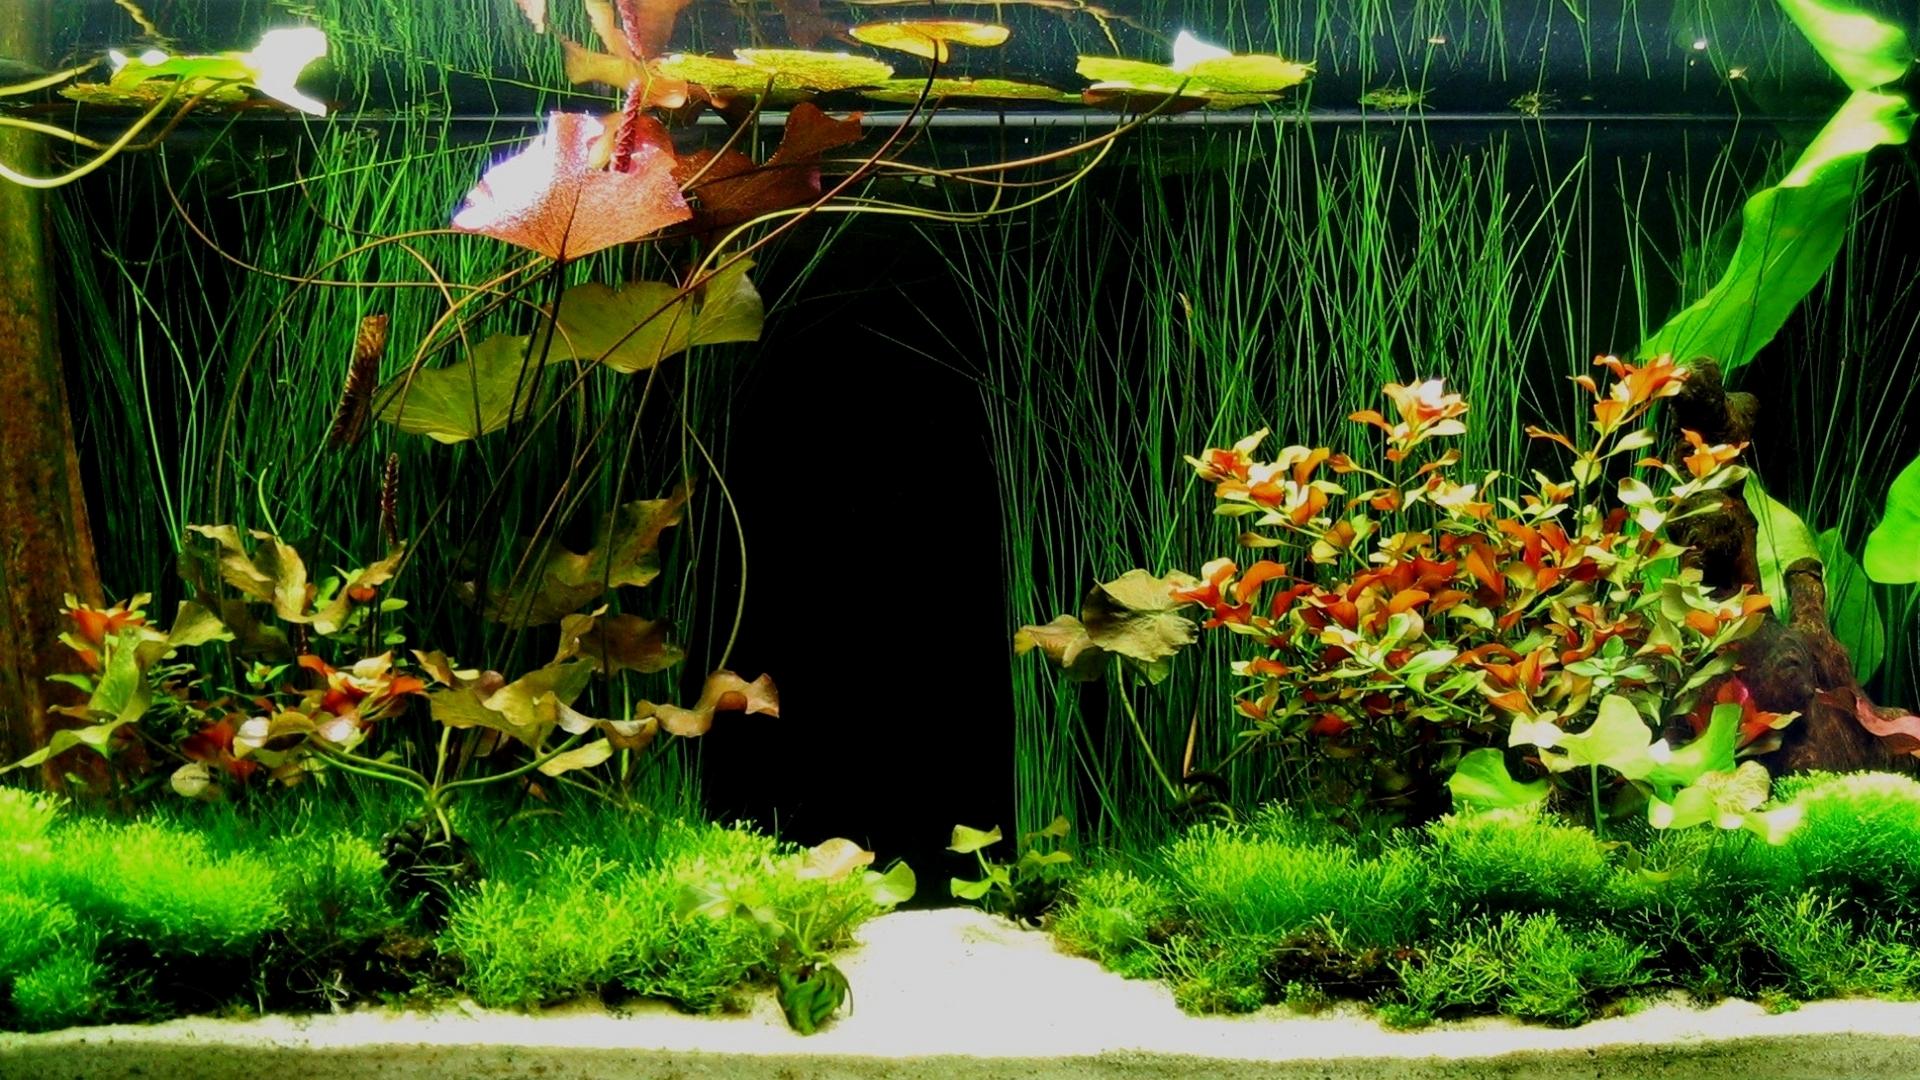 Aquarium fish tank download - Aquarium 3d Backgrounds Download Hd Wallpapers